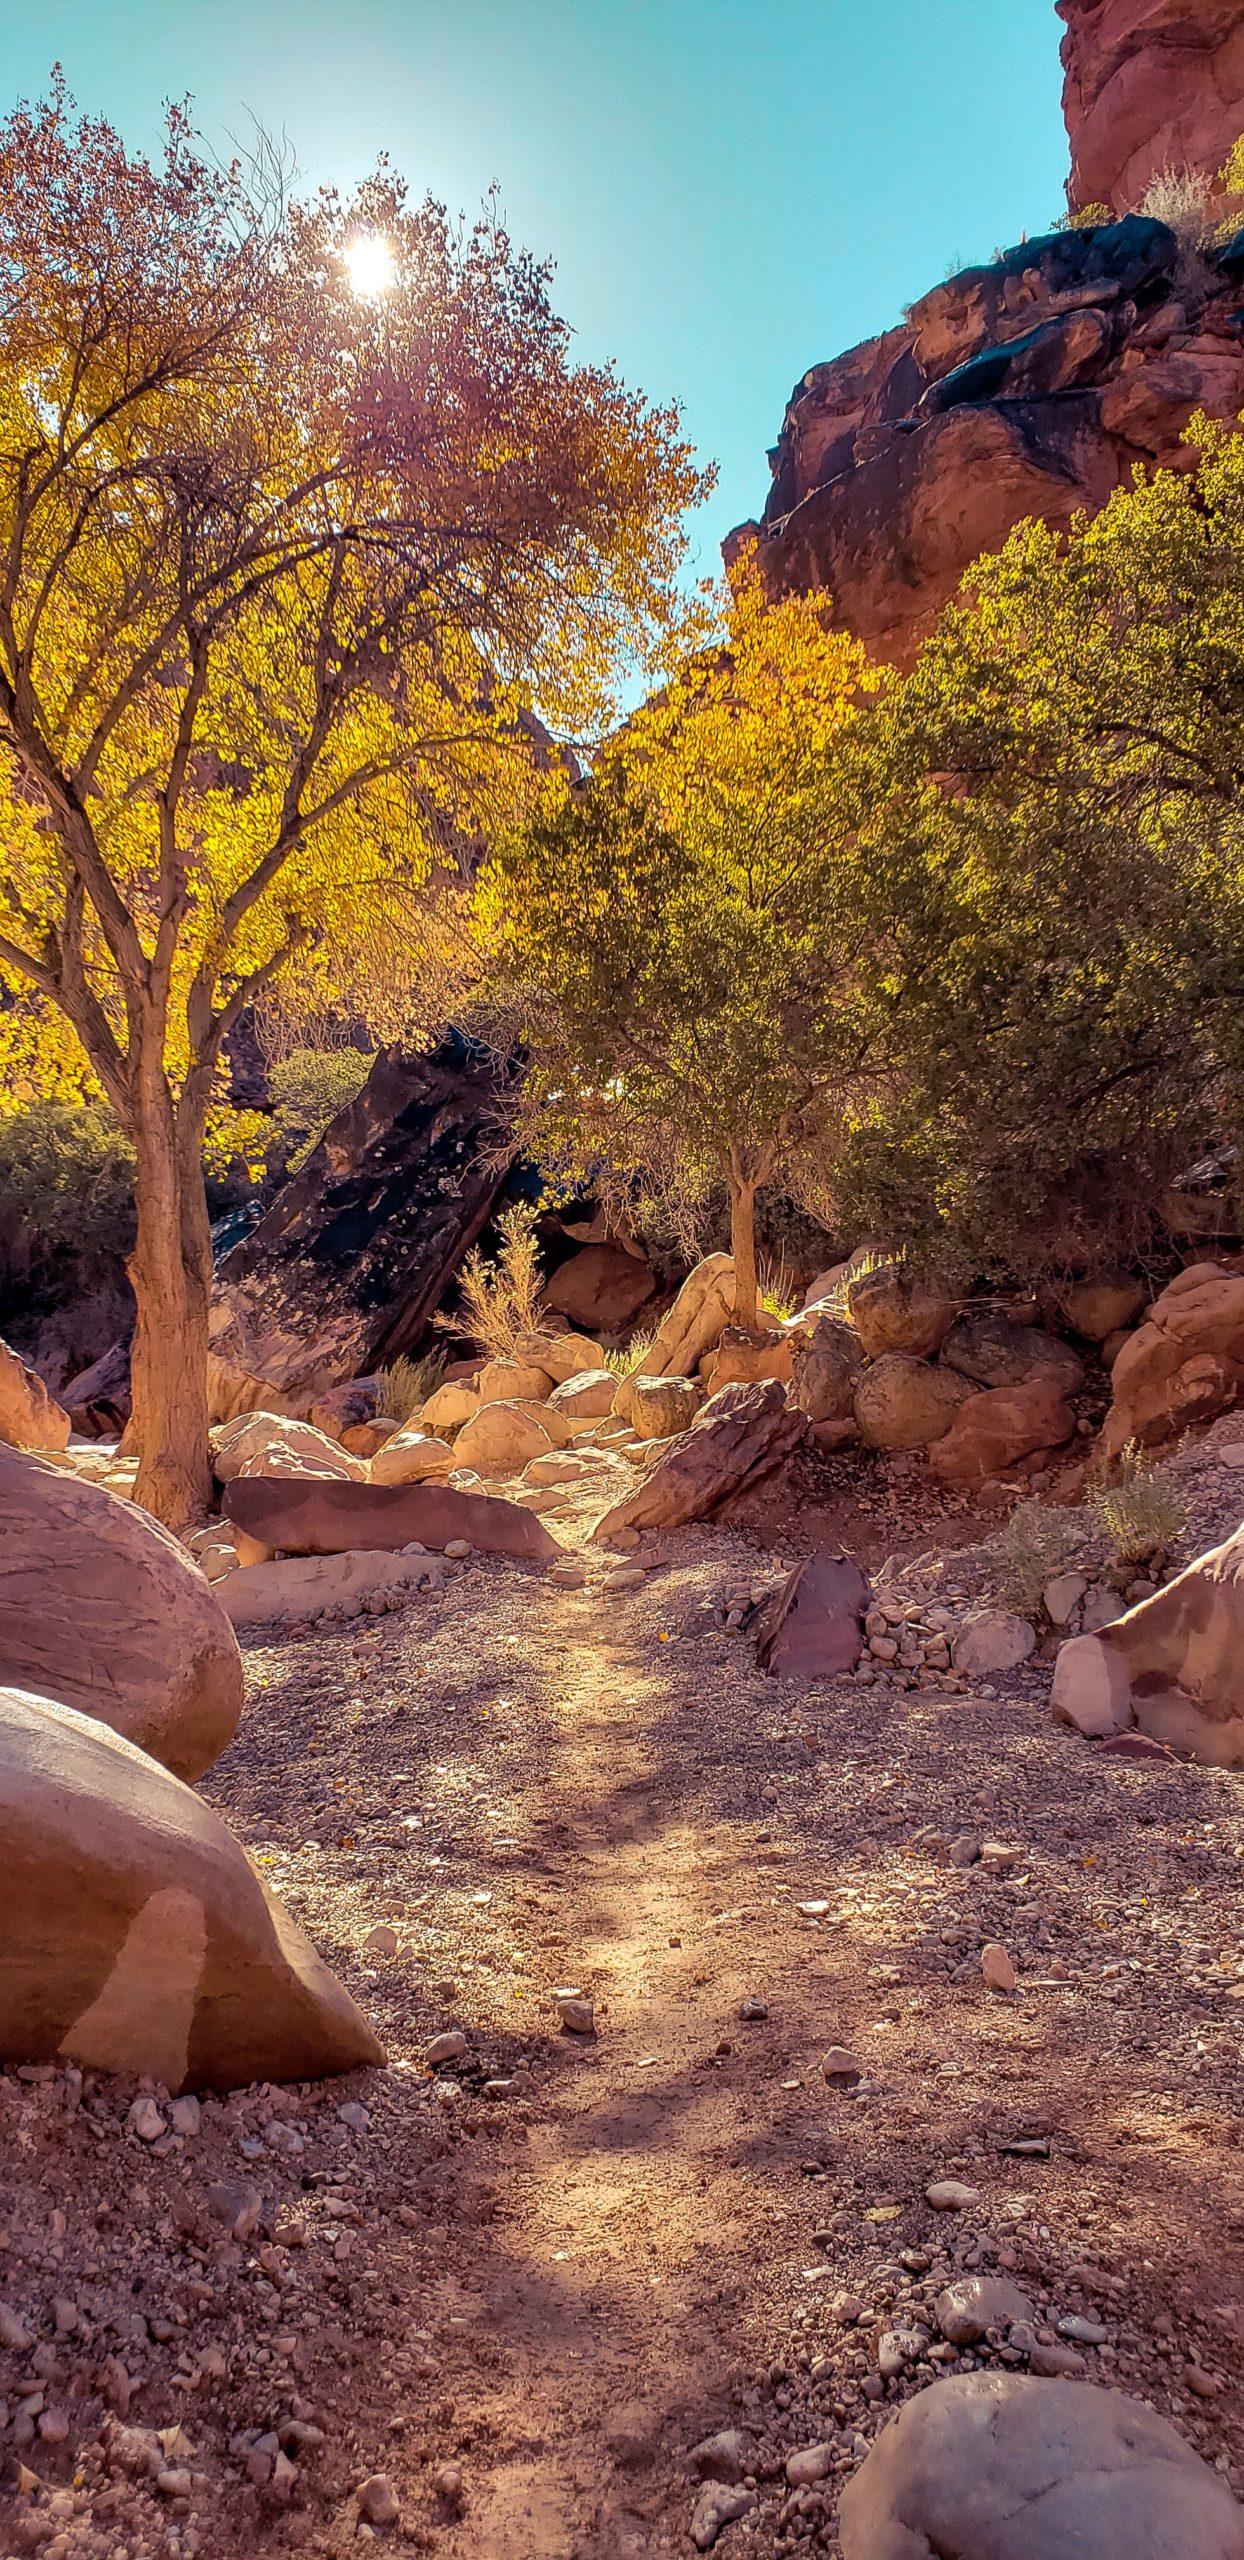 lake havasu falls arizona